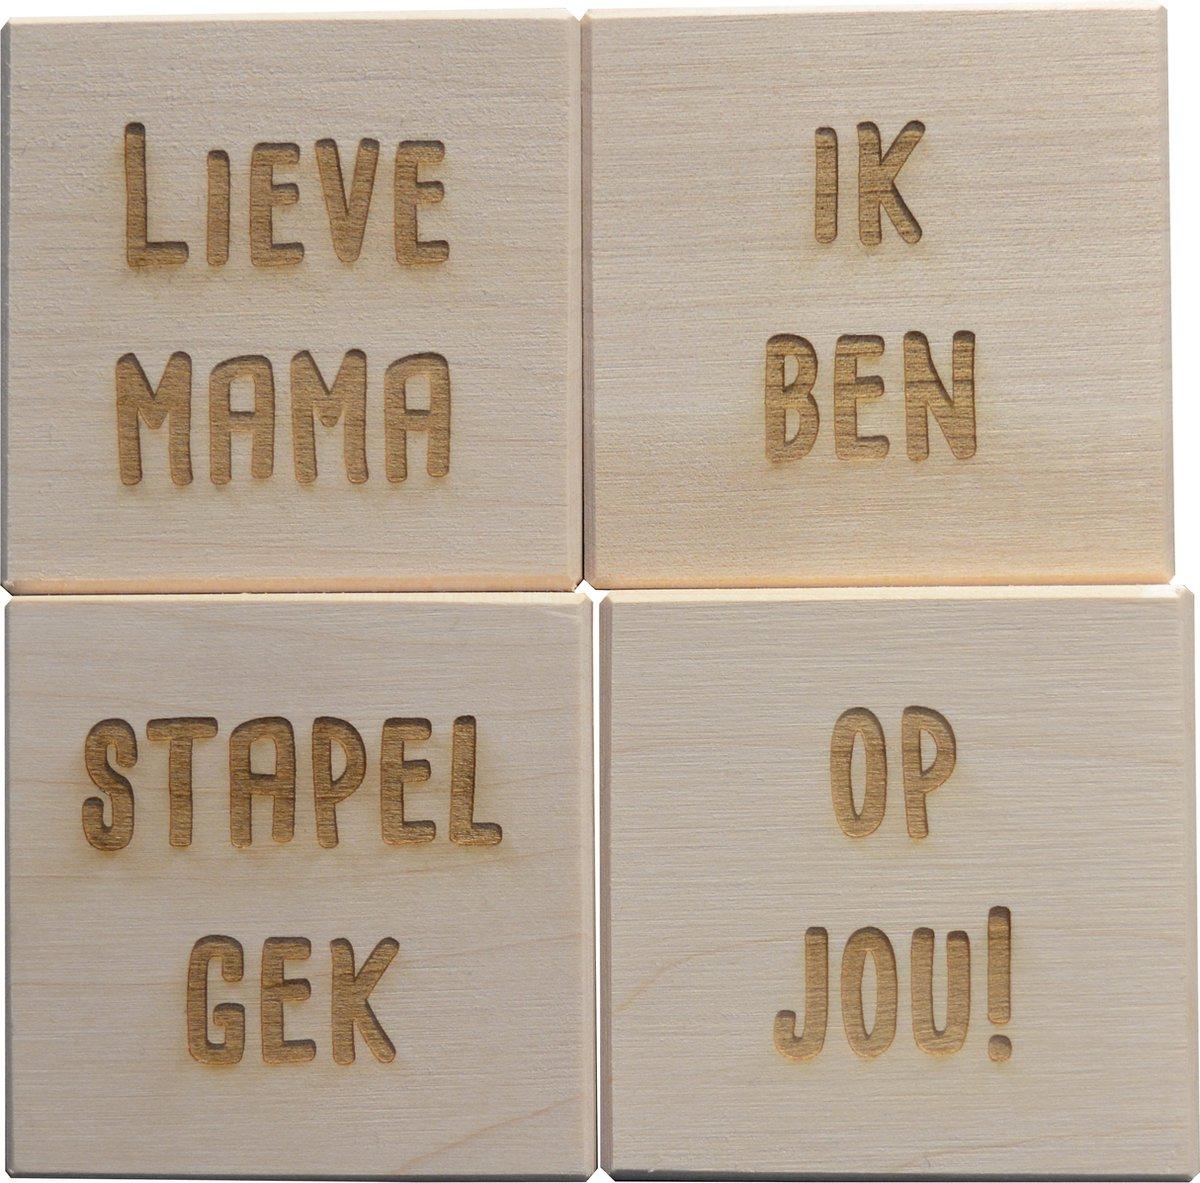 Set van 4 Blokken Beukenhout - Duurzaam - Lieve Mama Ik Ben Stapel Gek Op Jou! - Moederdag Cadeautje - Mama - Moederdag Cadeau -